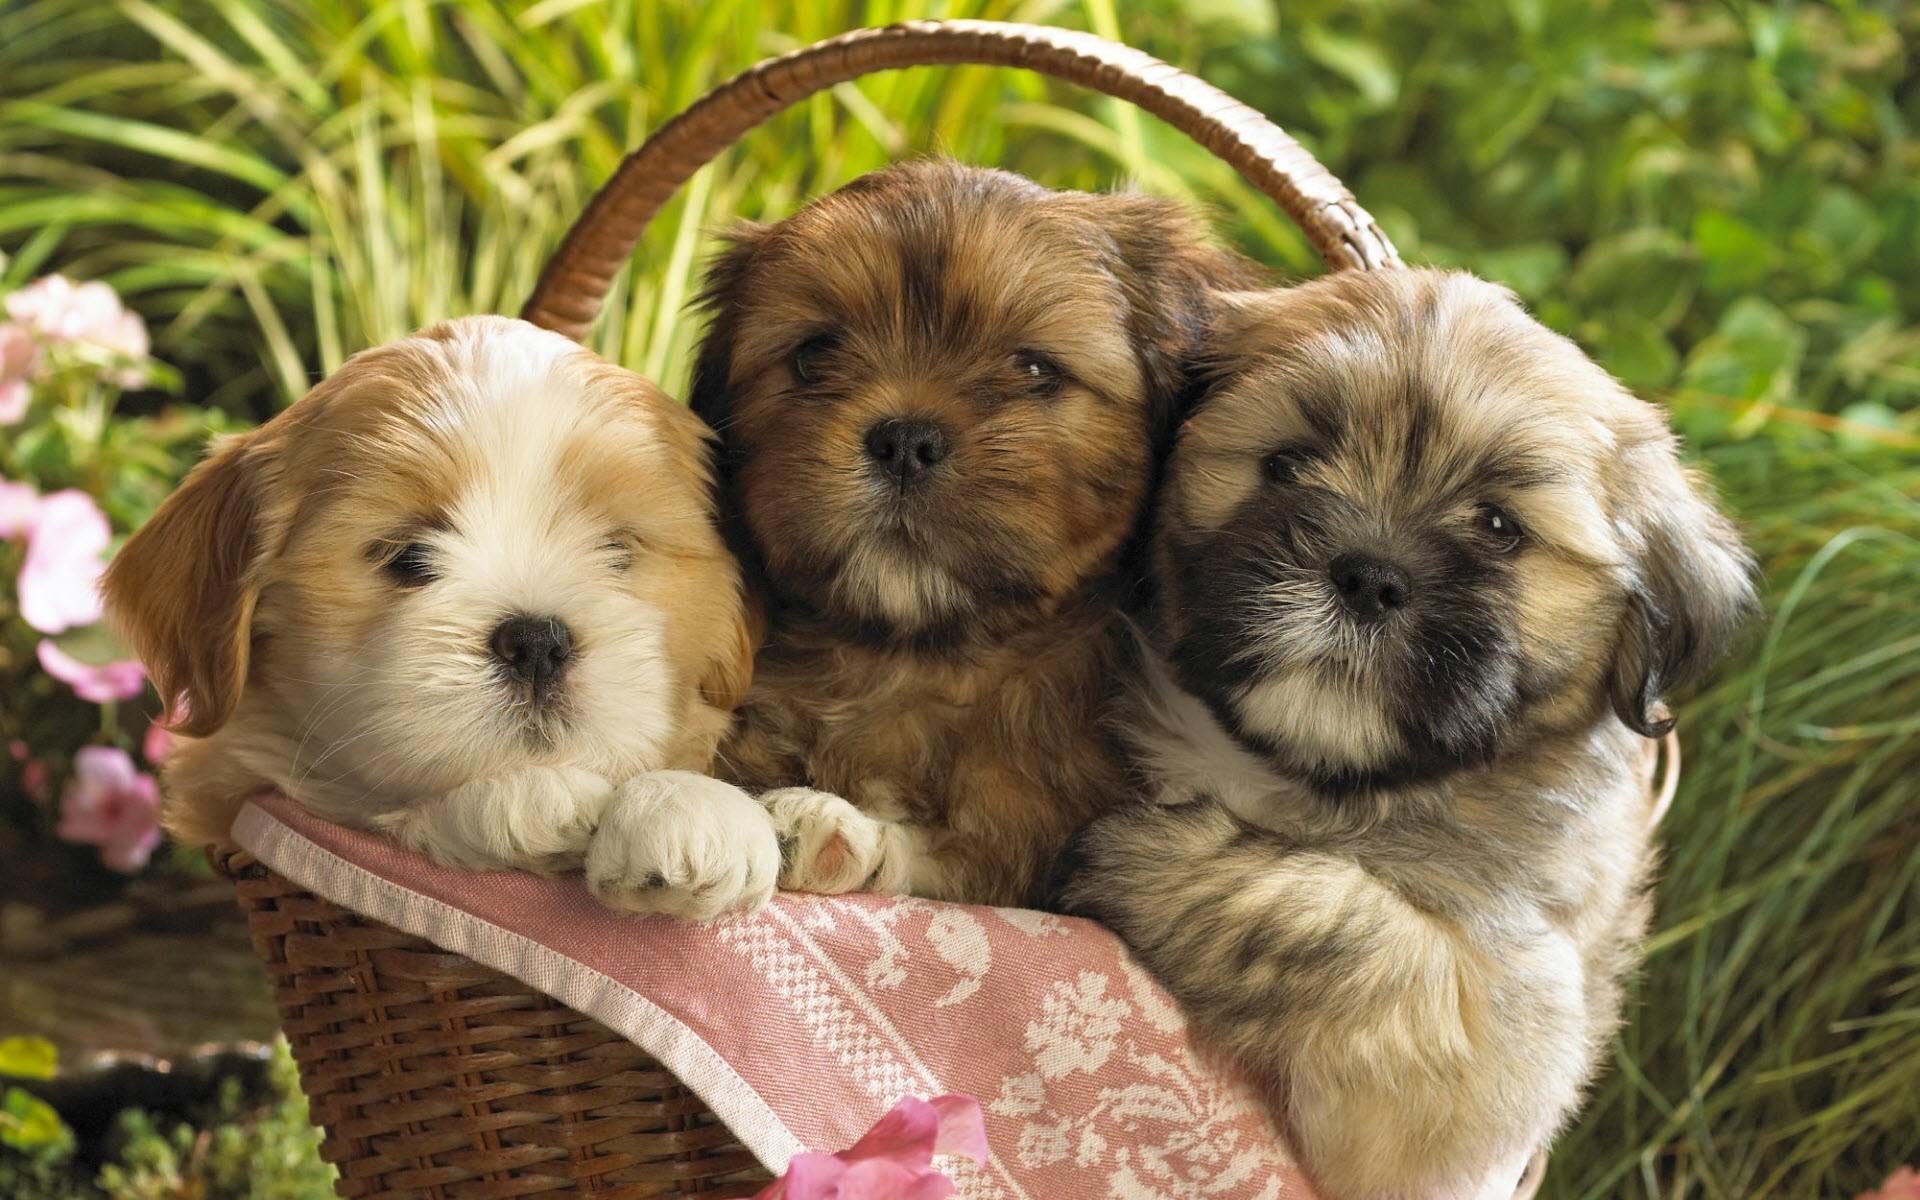 … x 1200 Original. Description: Download Cute Puppies 2 Cute Animals  wallpaper …